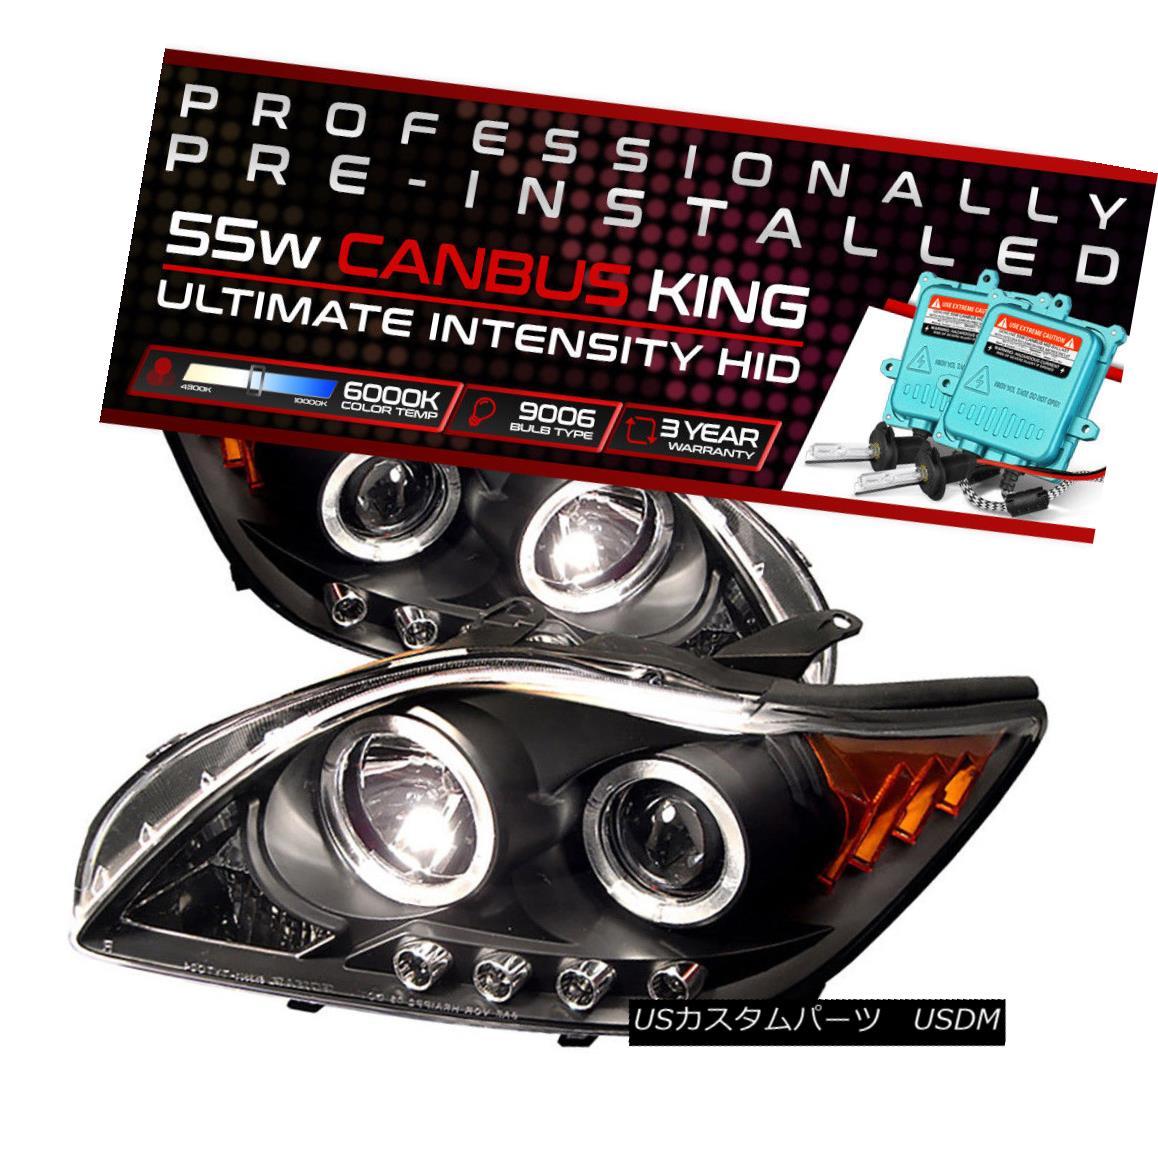 ヘッドライト !55W HID Built-In! 05-07 Scion tC Black Dual Halo Projector Headlight Amber Lamp !55W HID内蔵! 05-07シオンtCブラックデュアルハロープロジェクターヘッドライトアンバーランプ